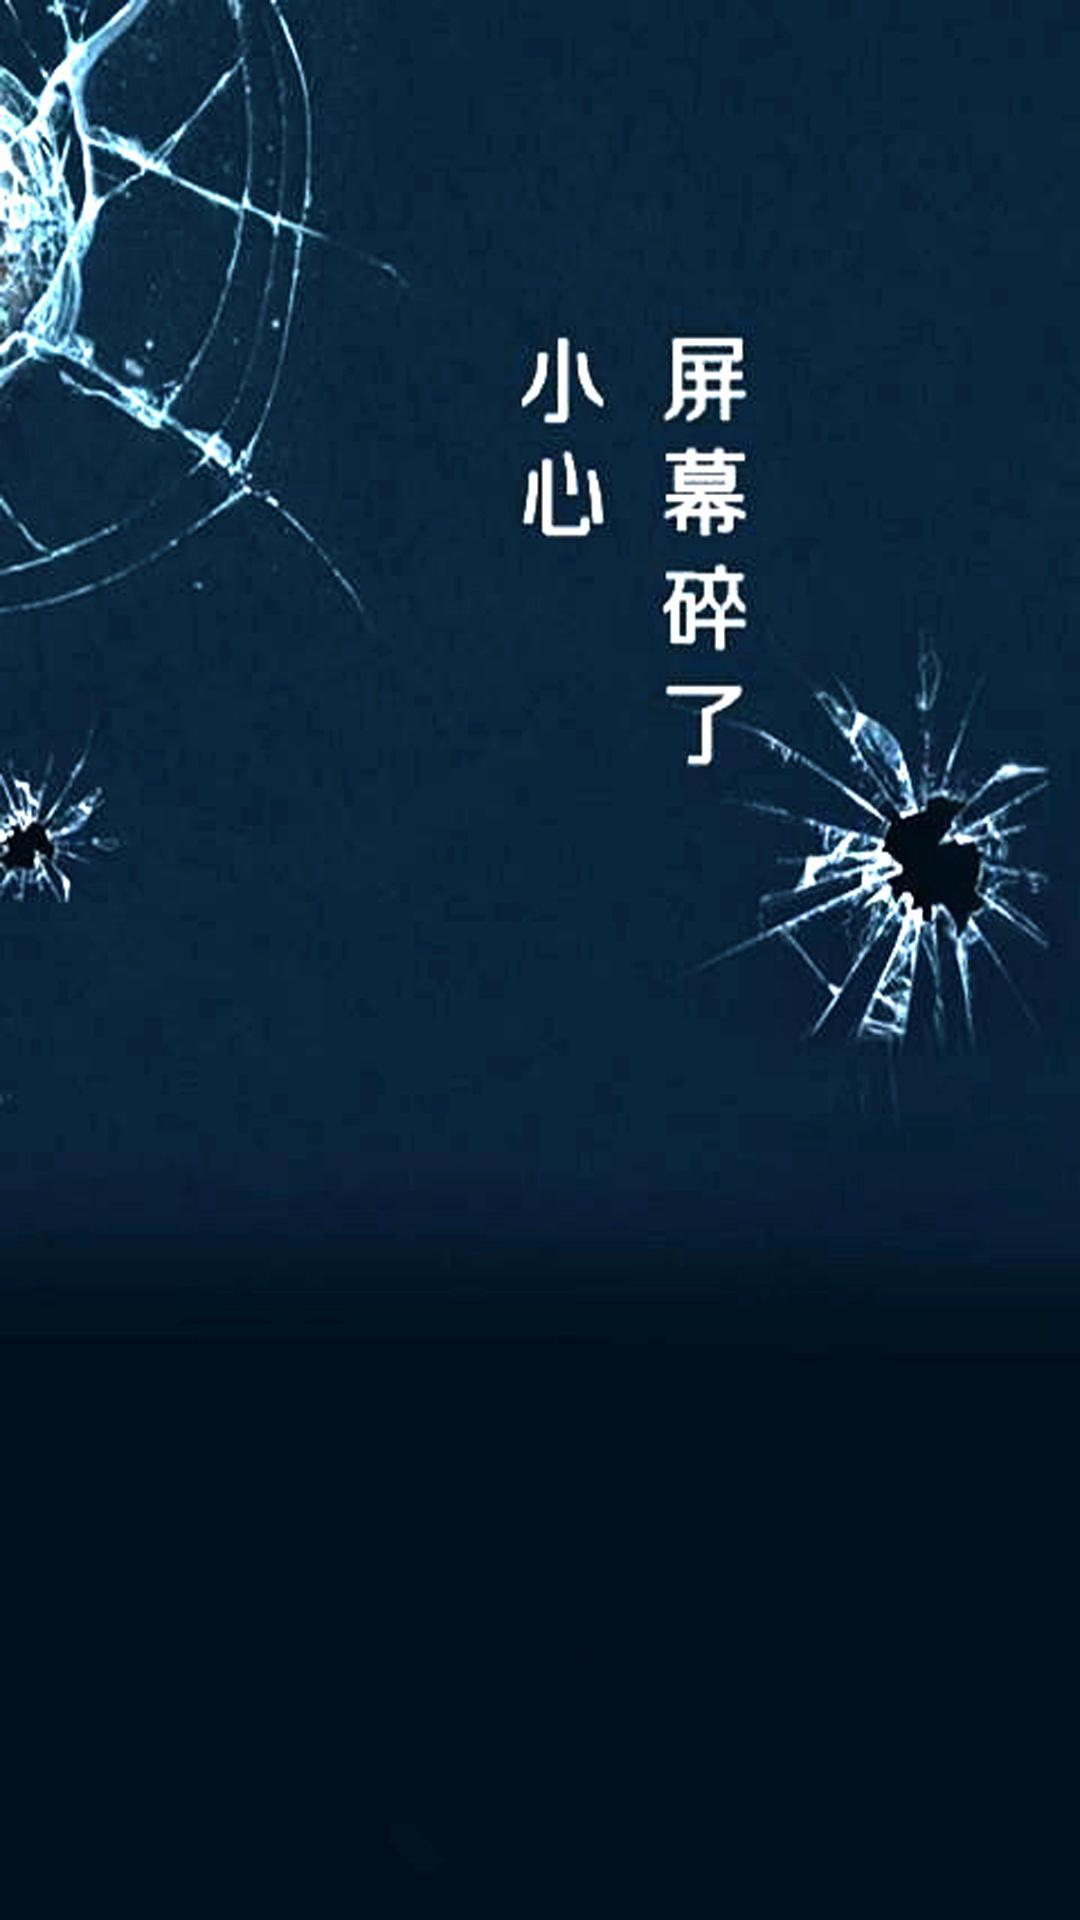 破碎屏幕动漫壁纸_手机屏幕碎了,有什么好的创意壁纸能推荐一下么? - 知乎